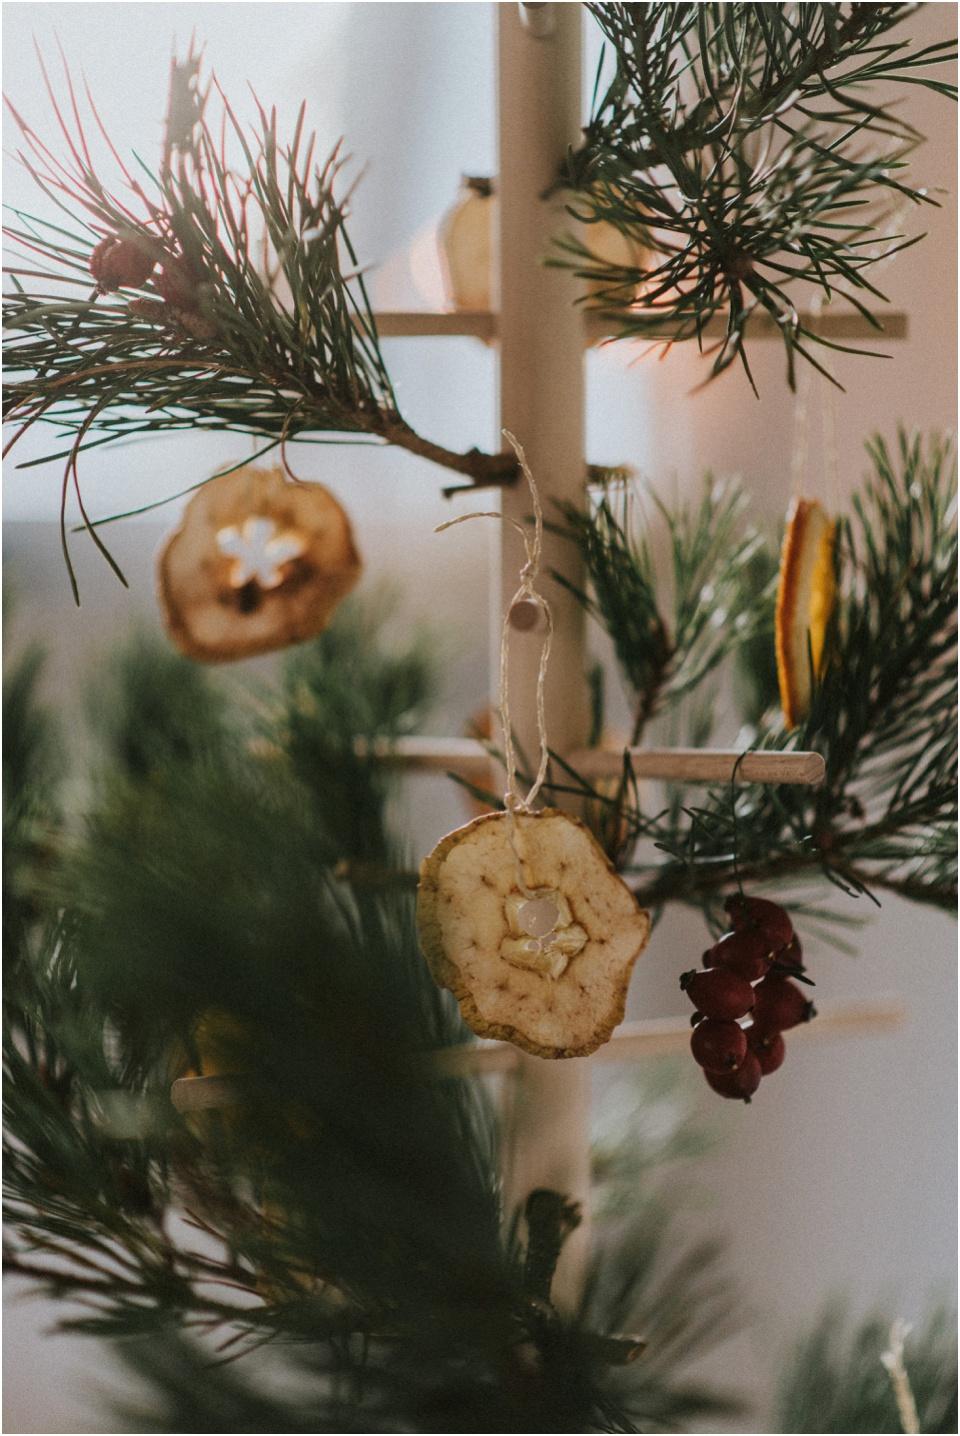 Ein nachhaltiger Weihnachtsbaum - getrocknete Äpfel und Orangen